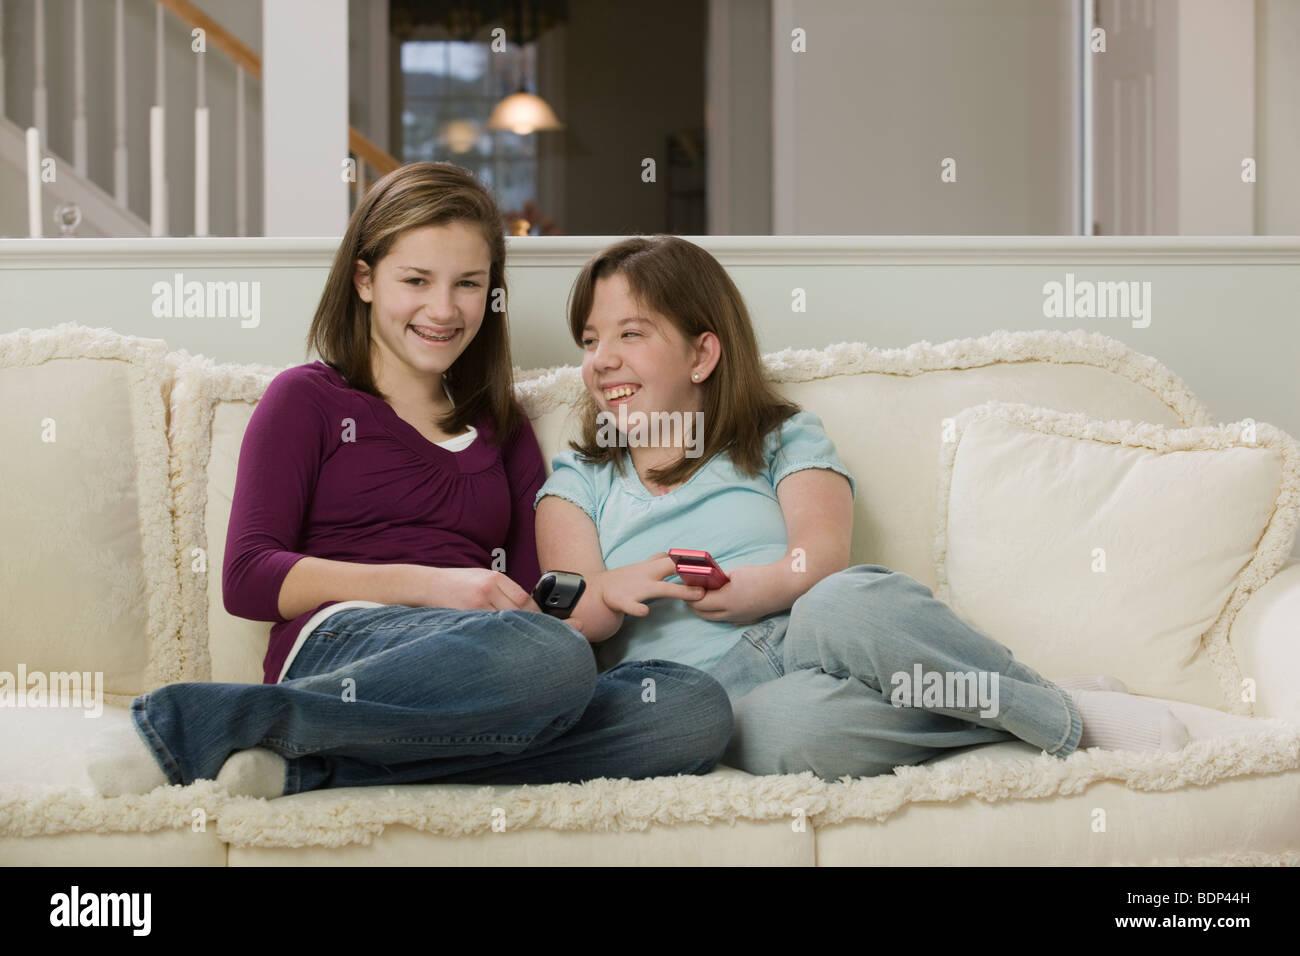 Deux adolescentes assis sur une table et l'utilisation de téléphones mobiles Banque D'Images